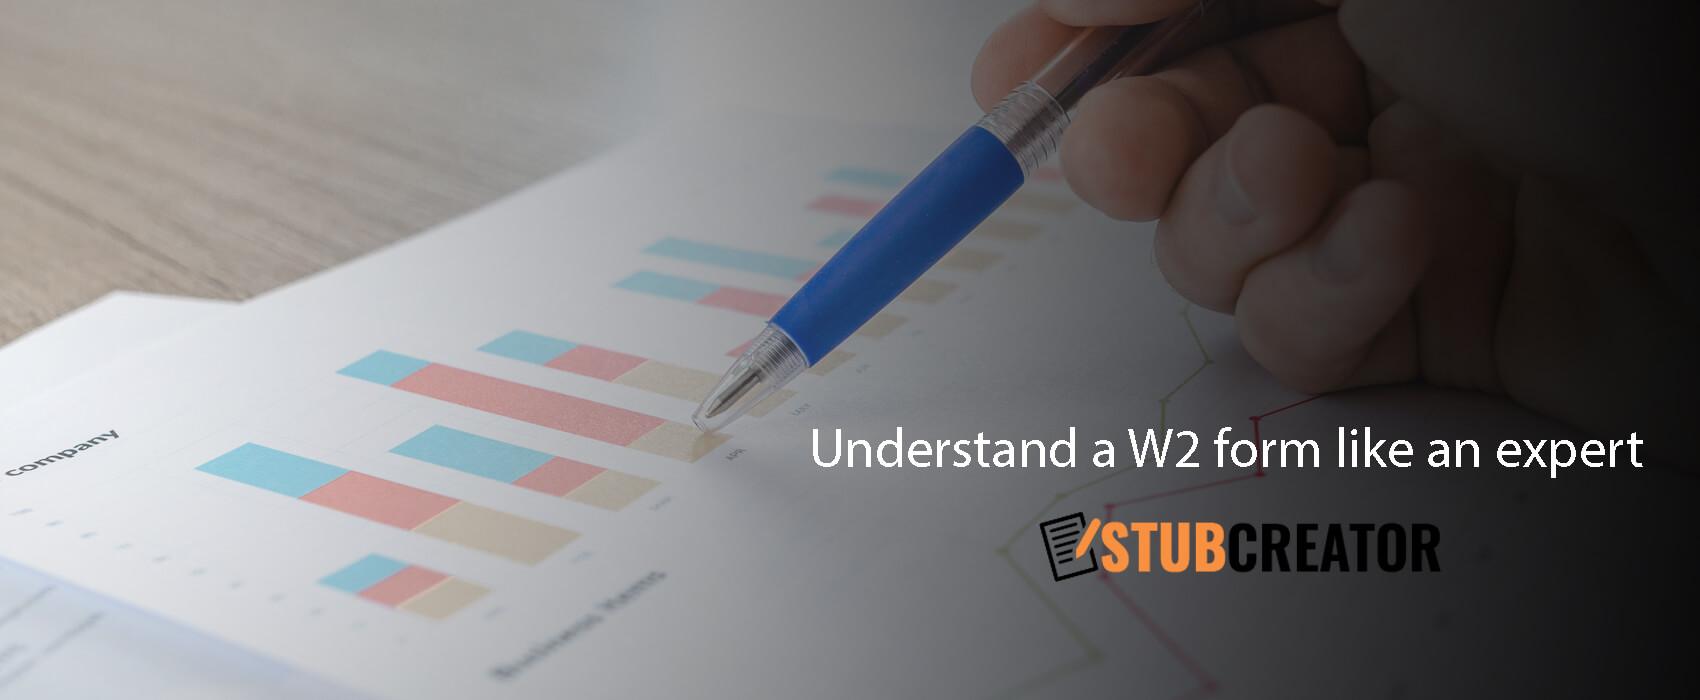 Understand a W2 form like an expert